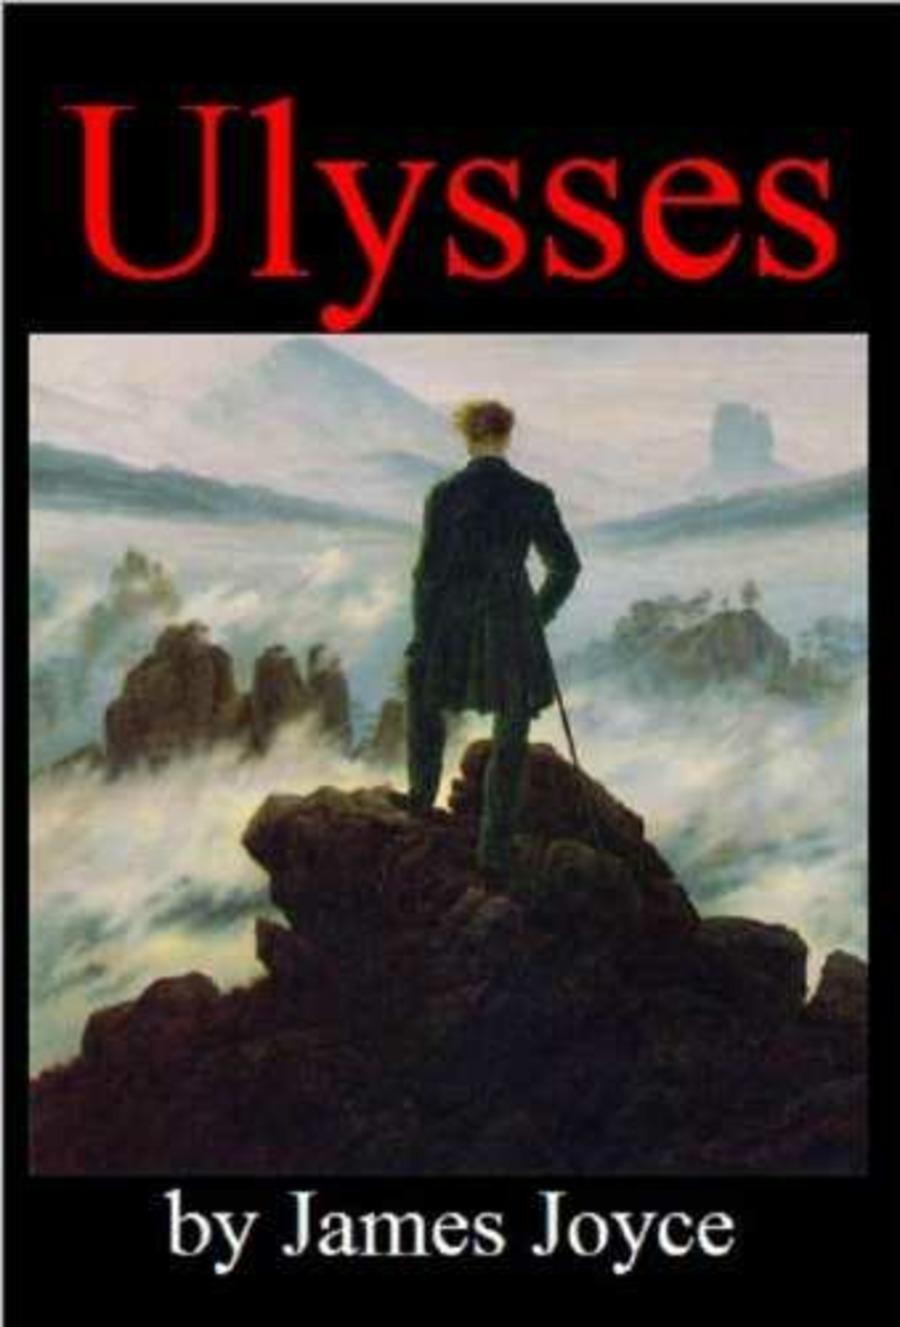 Ulysses Audiobook Merged James Joyce Free Download